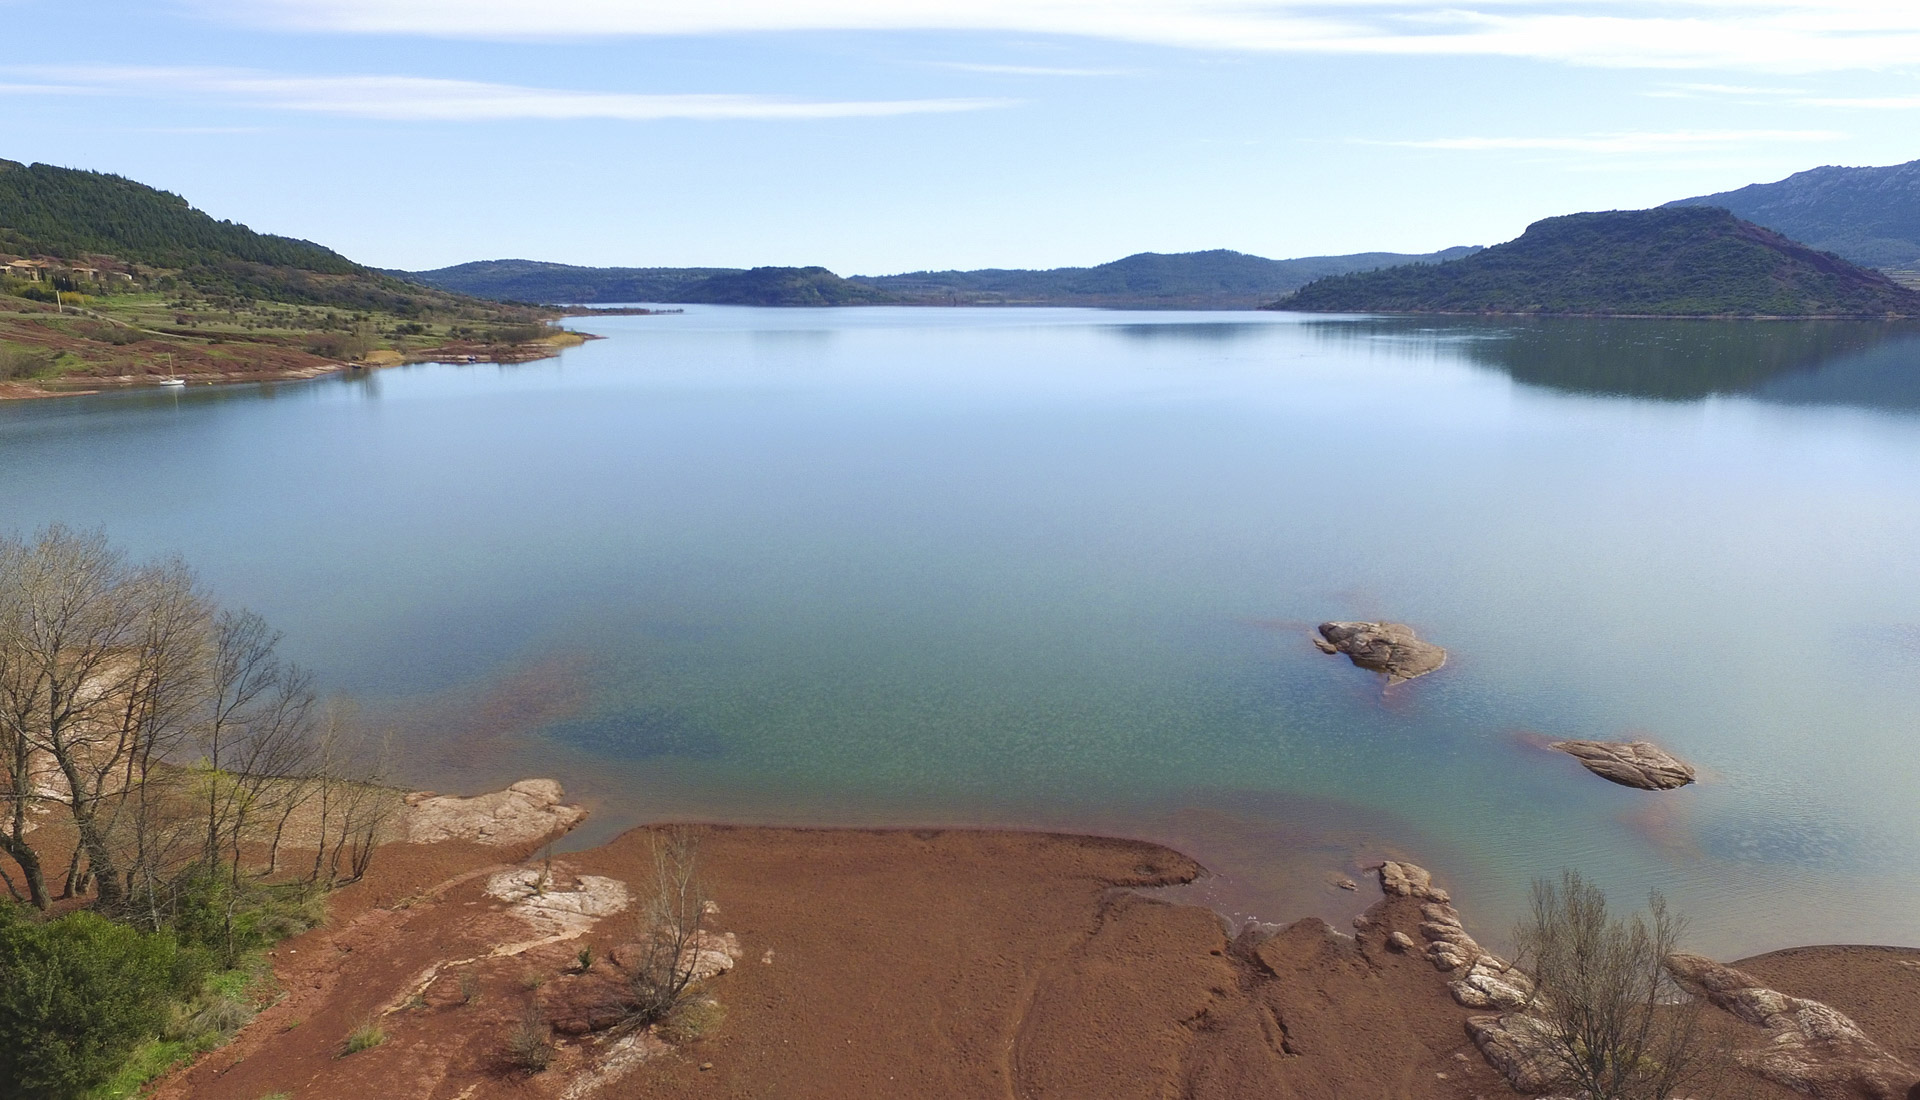 Les eaux du Lac du Salagou © Eric Brendle